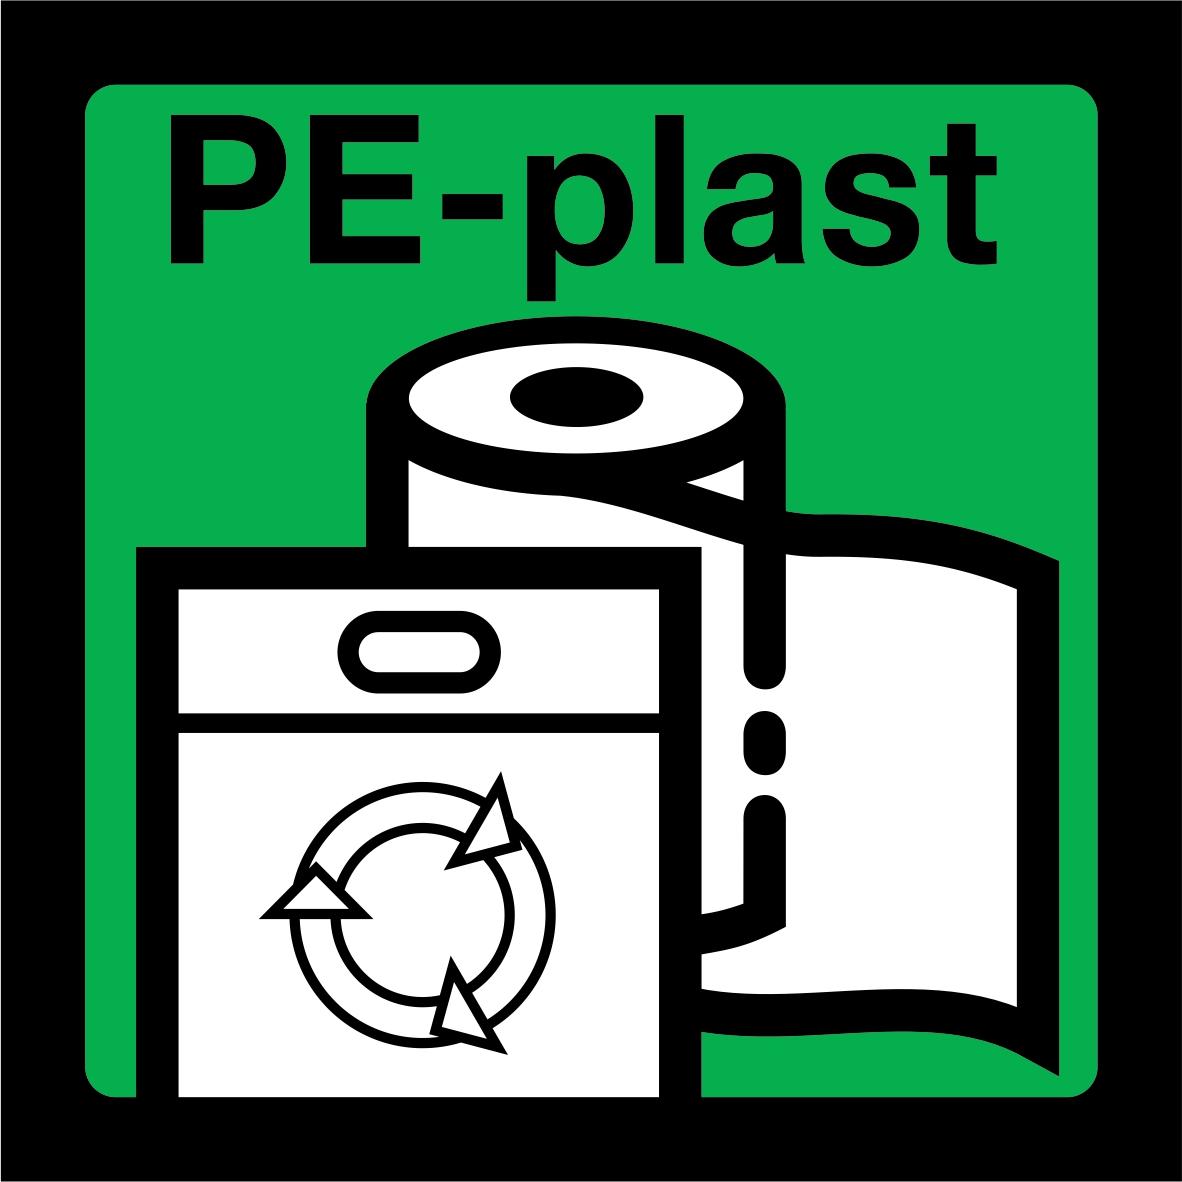 PE-plast